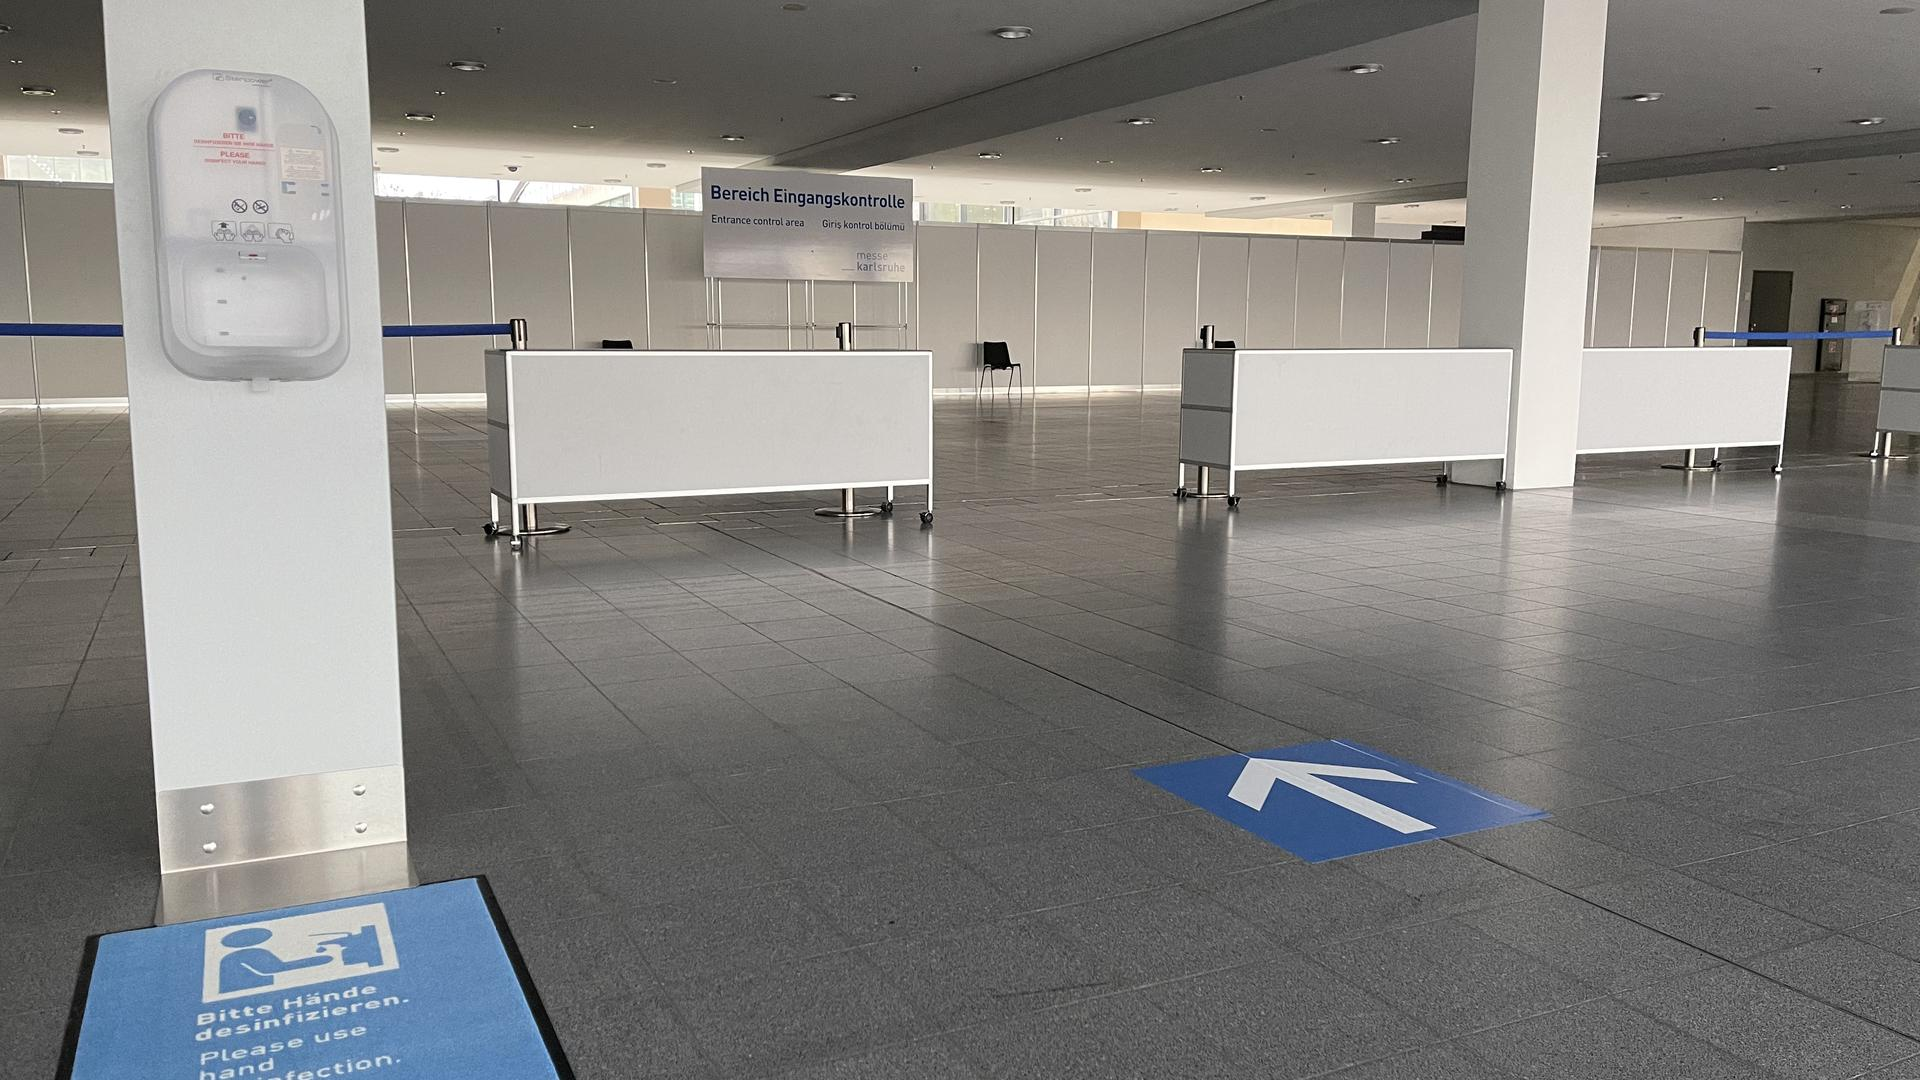 Eingangskontrolle Impfzentrum Messe Karlsruhe